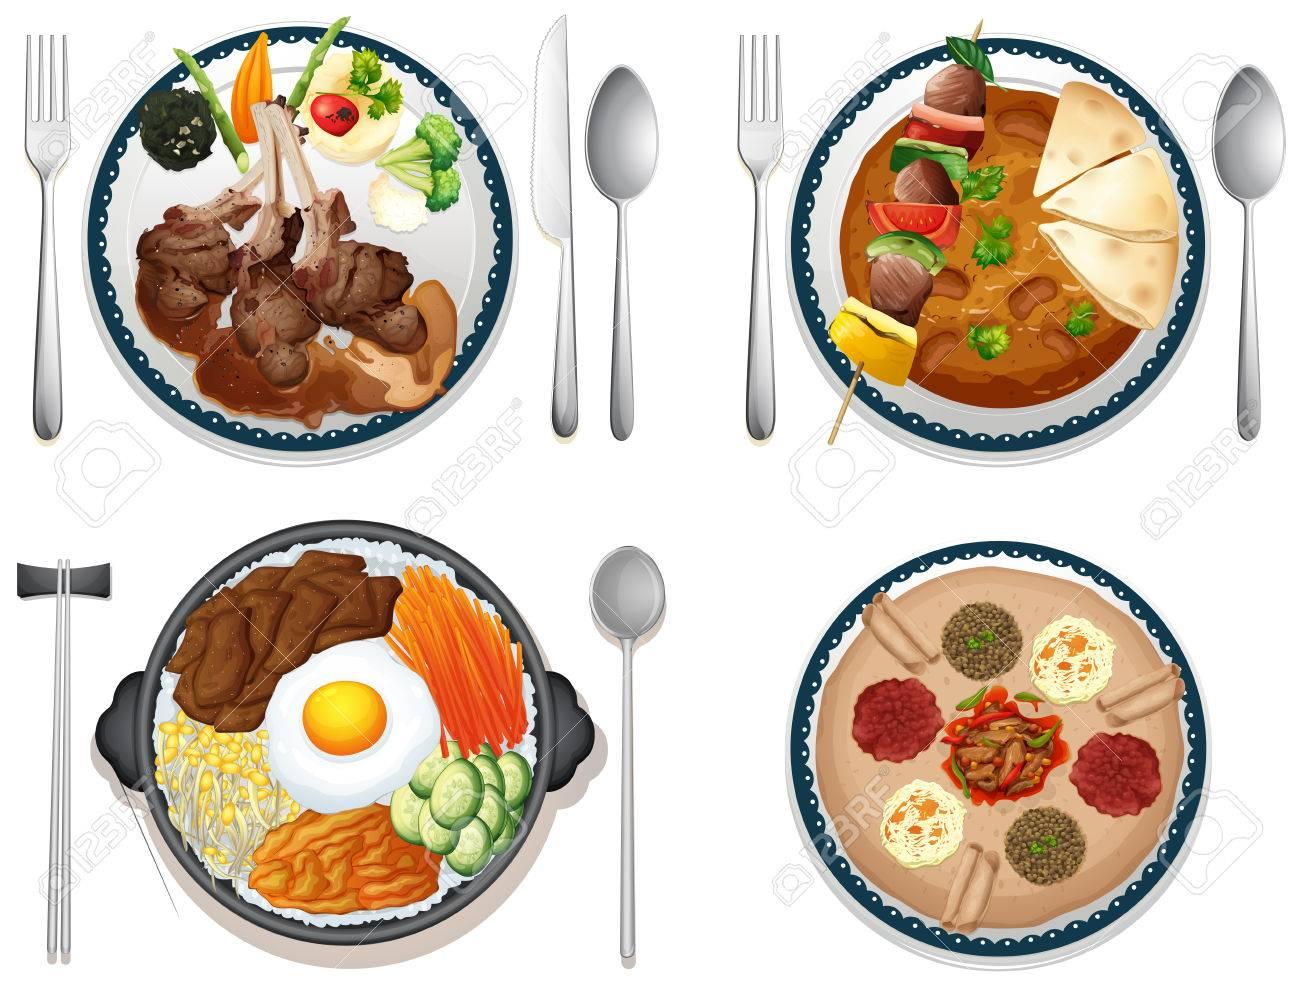 Disegno cucina internazionale : Illustrazione Di Quattro Piatti Della Cucina Internazionale ...